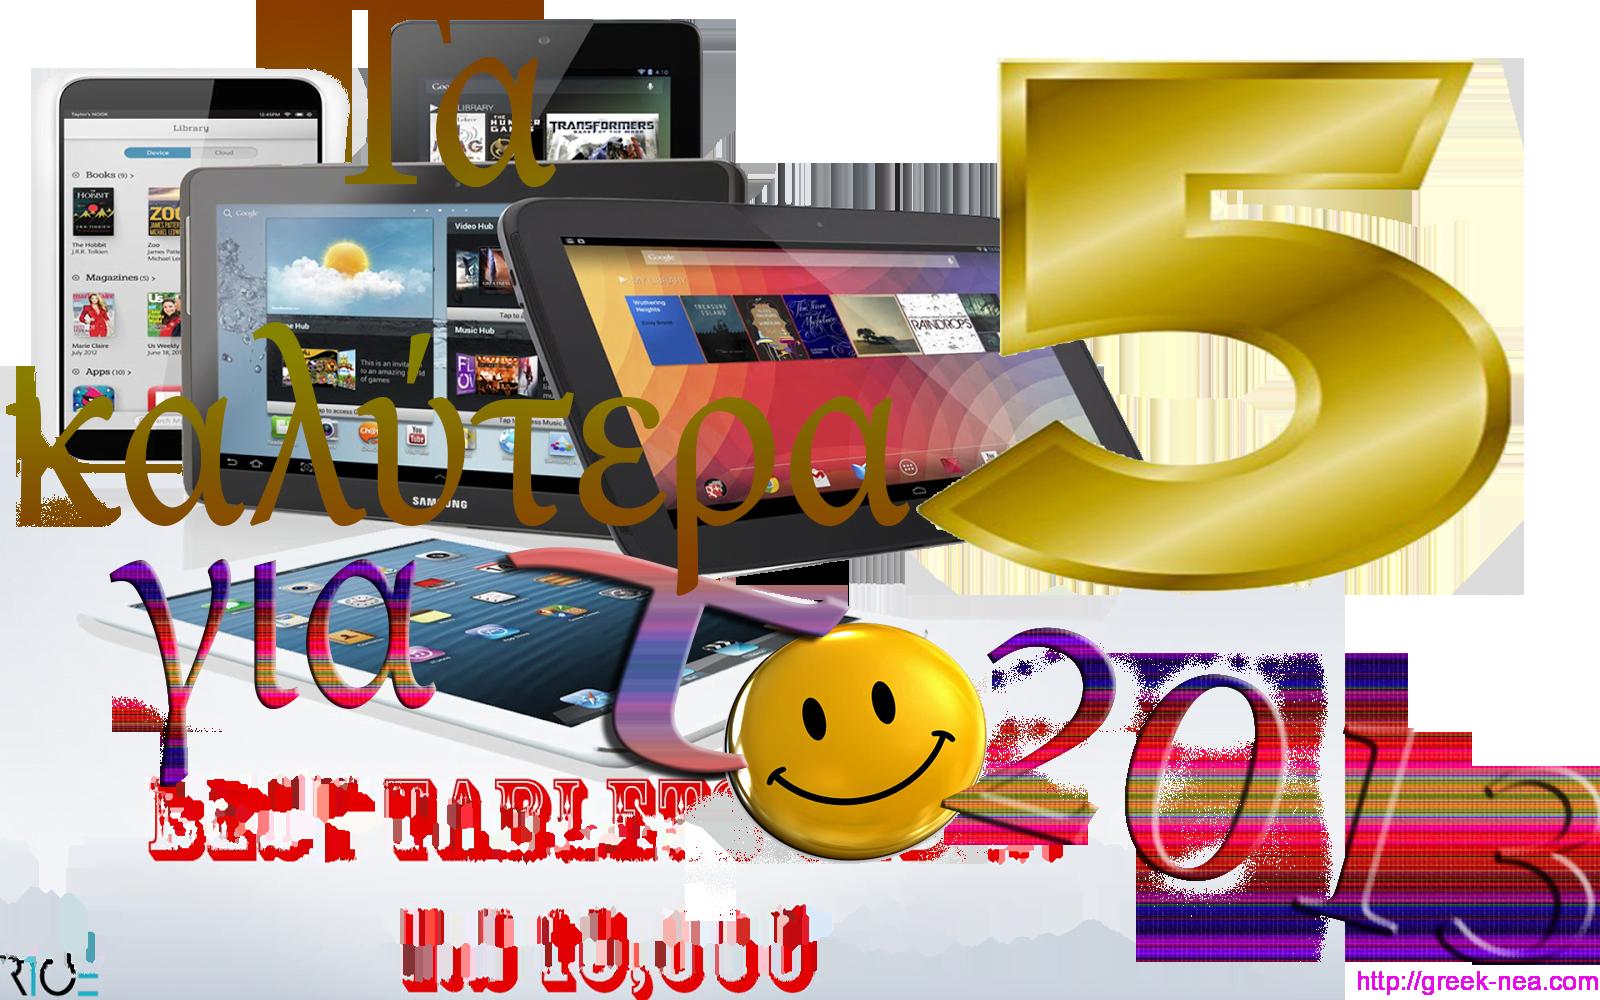 Τα καλυτερα tablets για το 2013